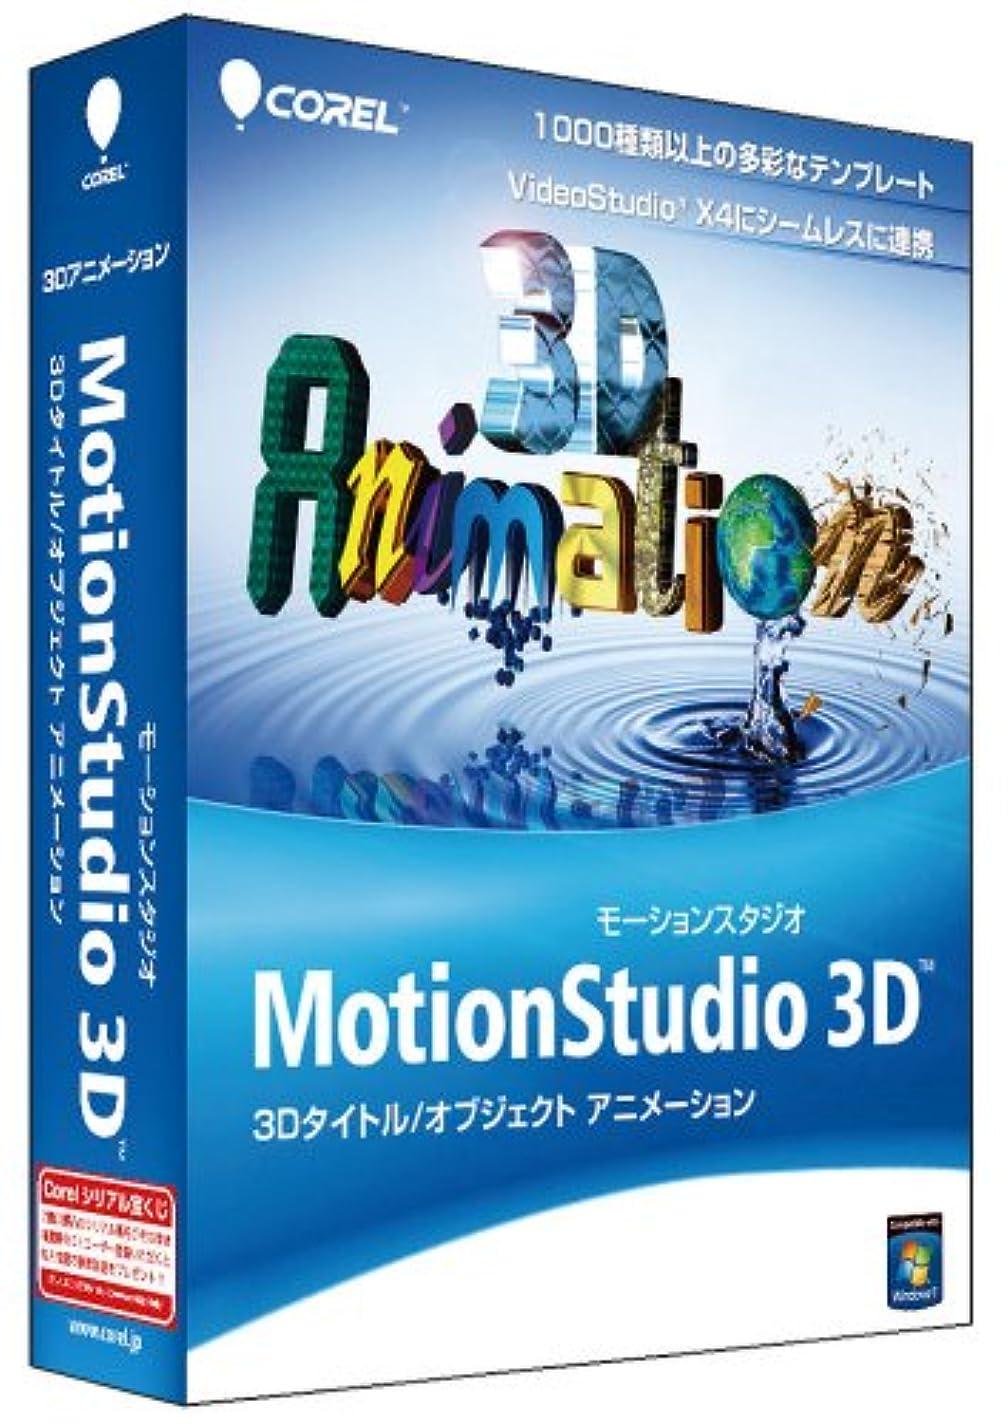 縮れた意識的美徳MotionStudio 3D 通常版